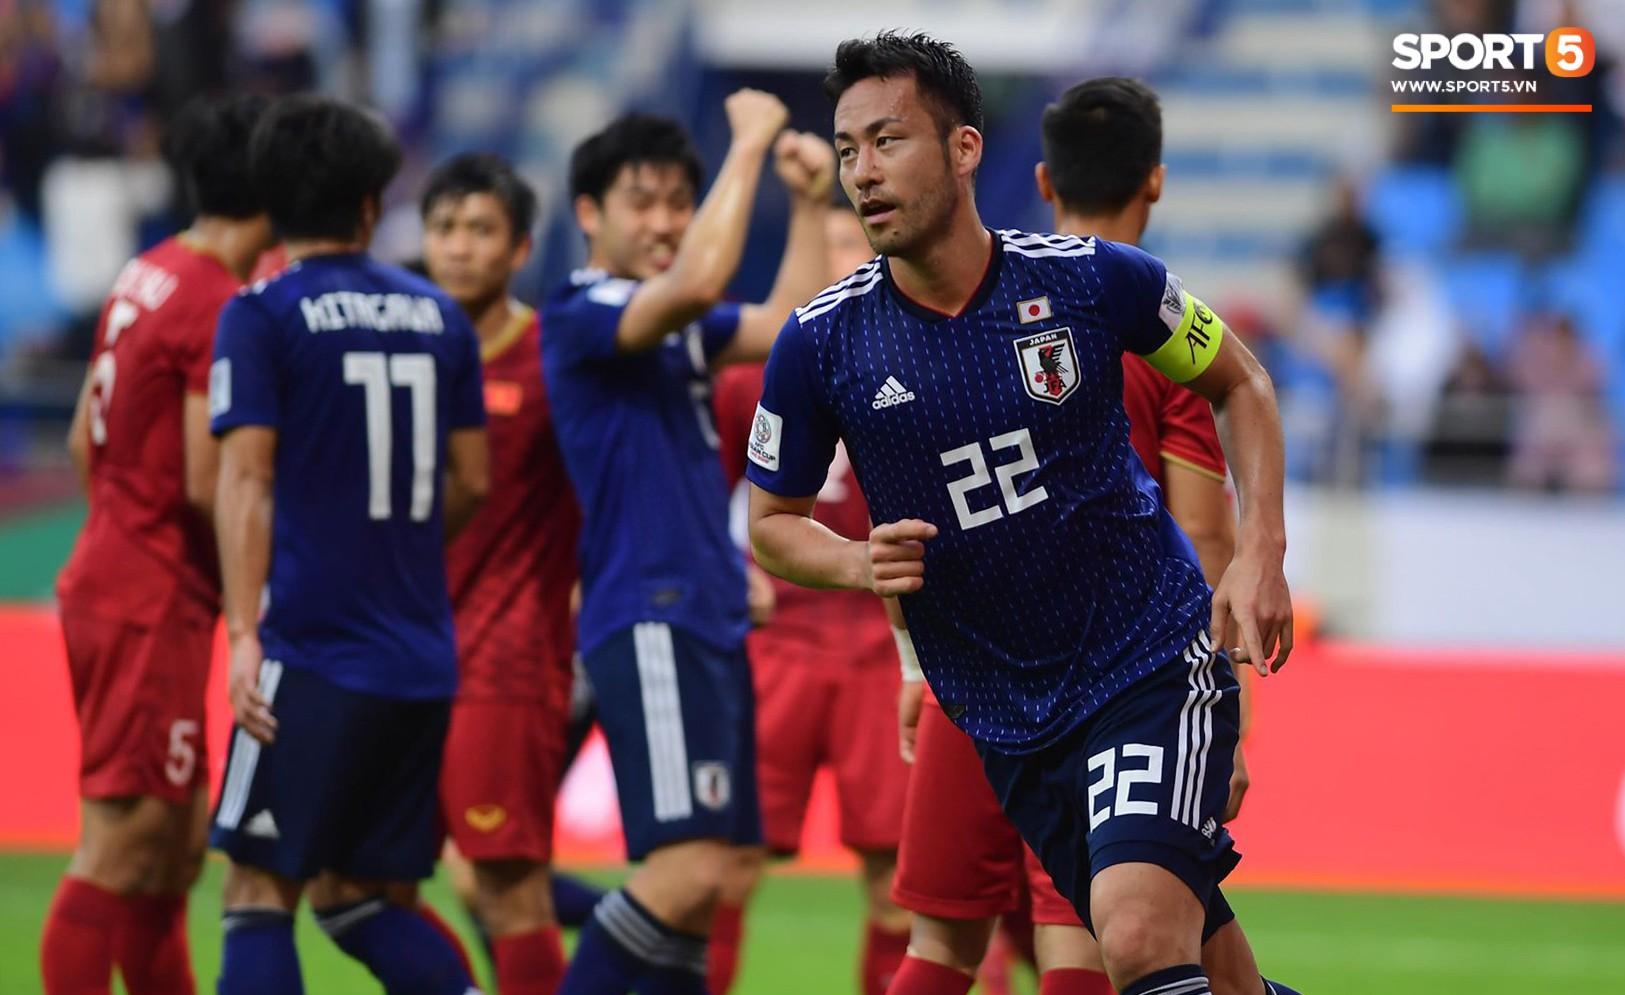 Đội trưởng tuyển Nhật Bản thừa nhận thắng may, chỉ trích các đồng đội sau trận đấu với Việt Nam-1